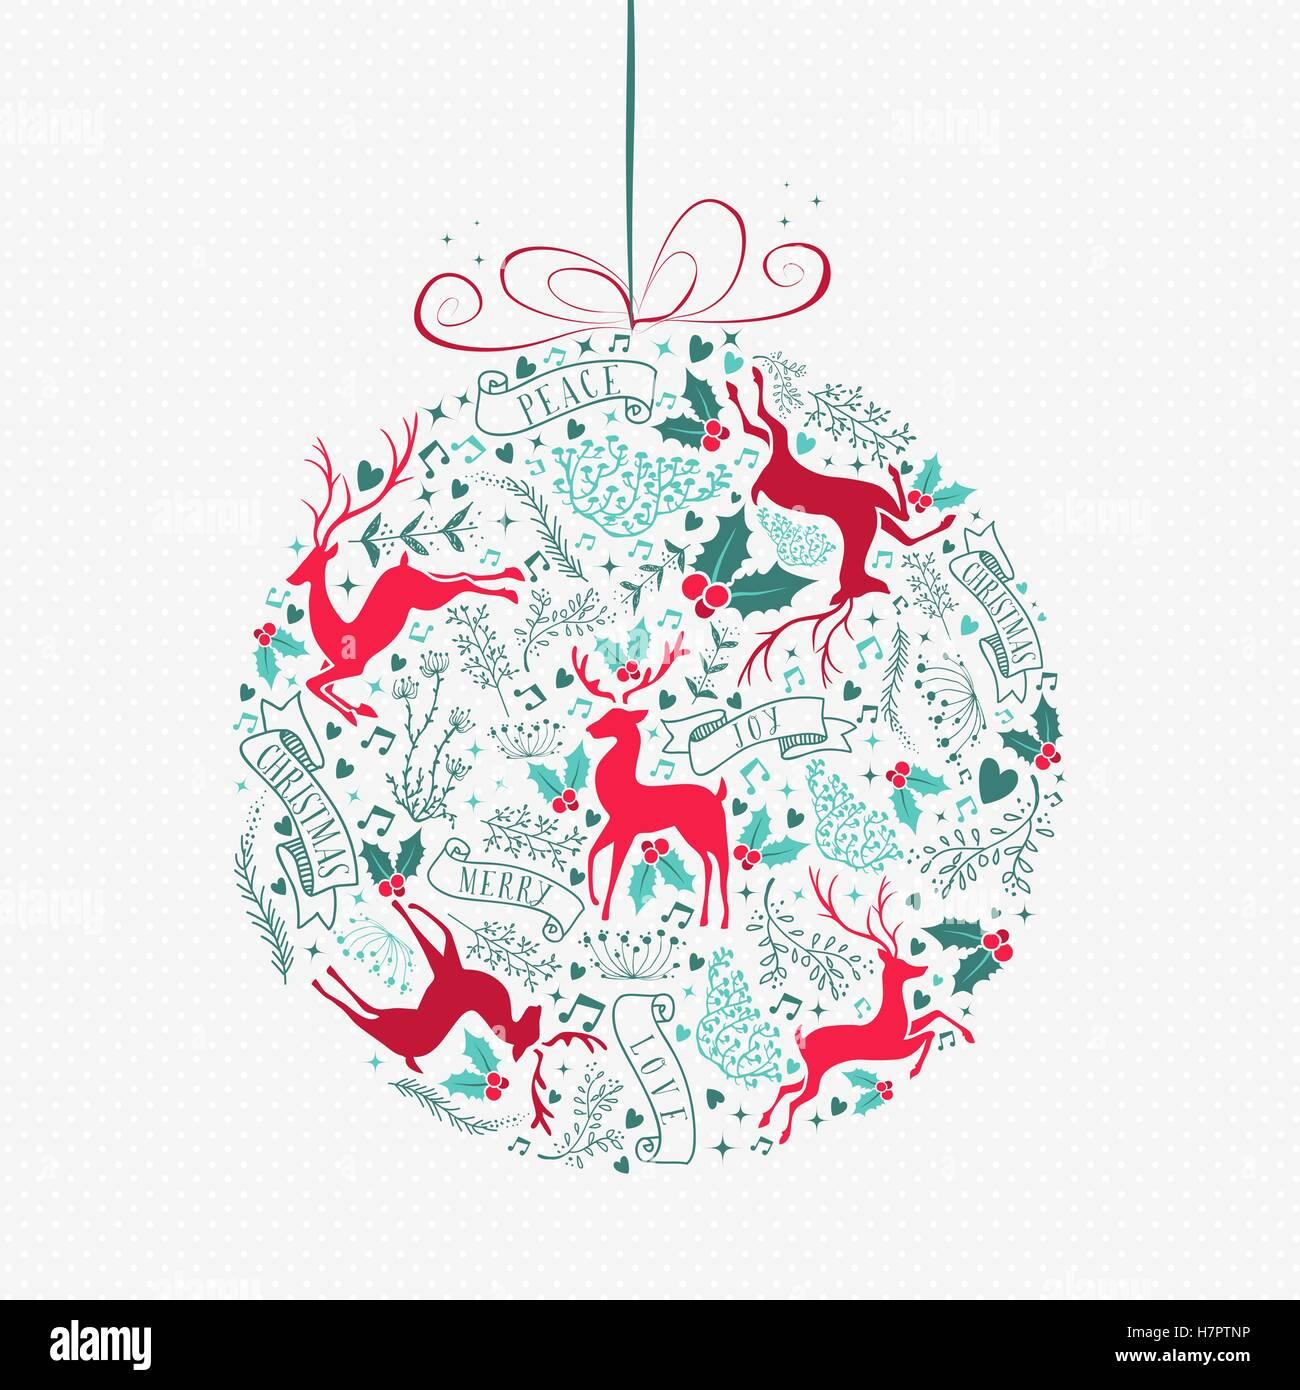 Fantastisch Frohe Weihnachten Färbung In Ideen - Malvorlagen Von ...